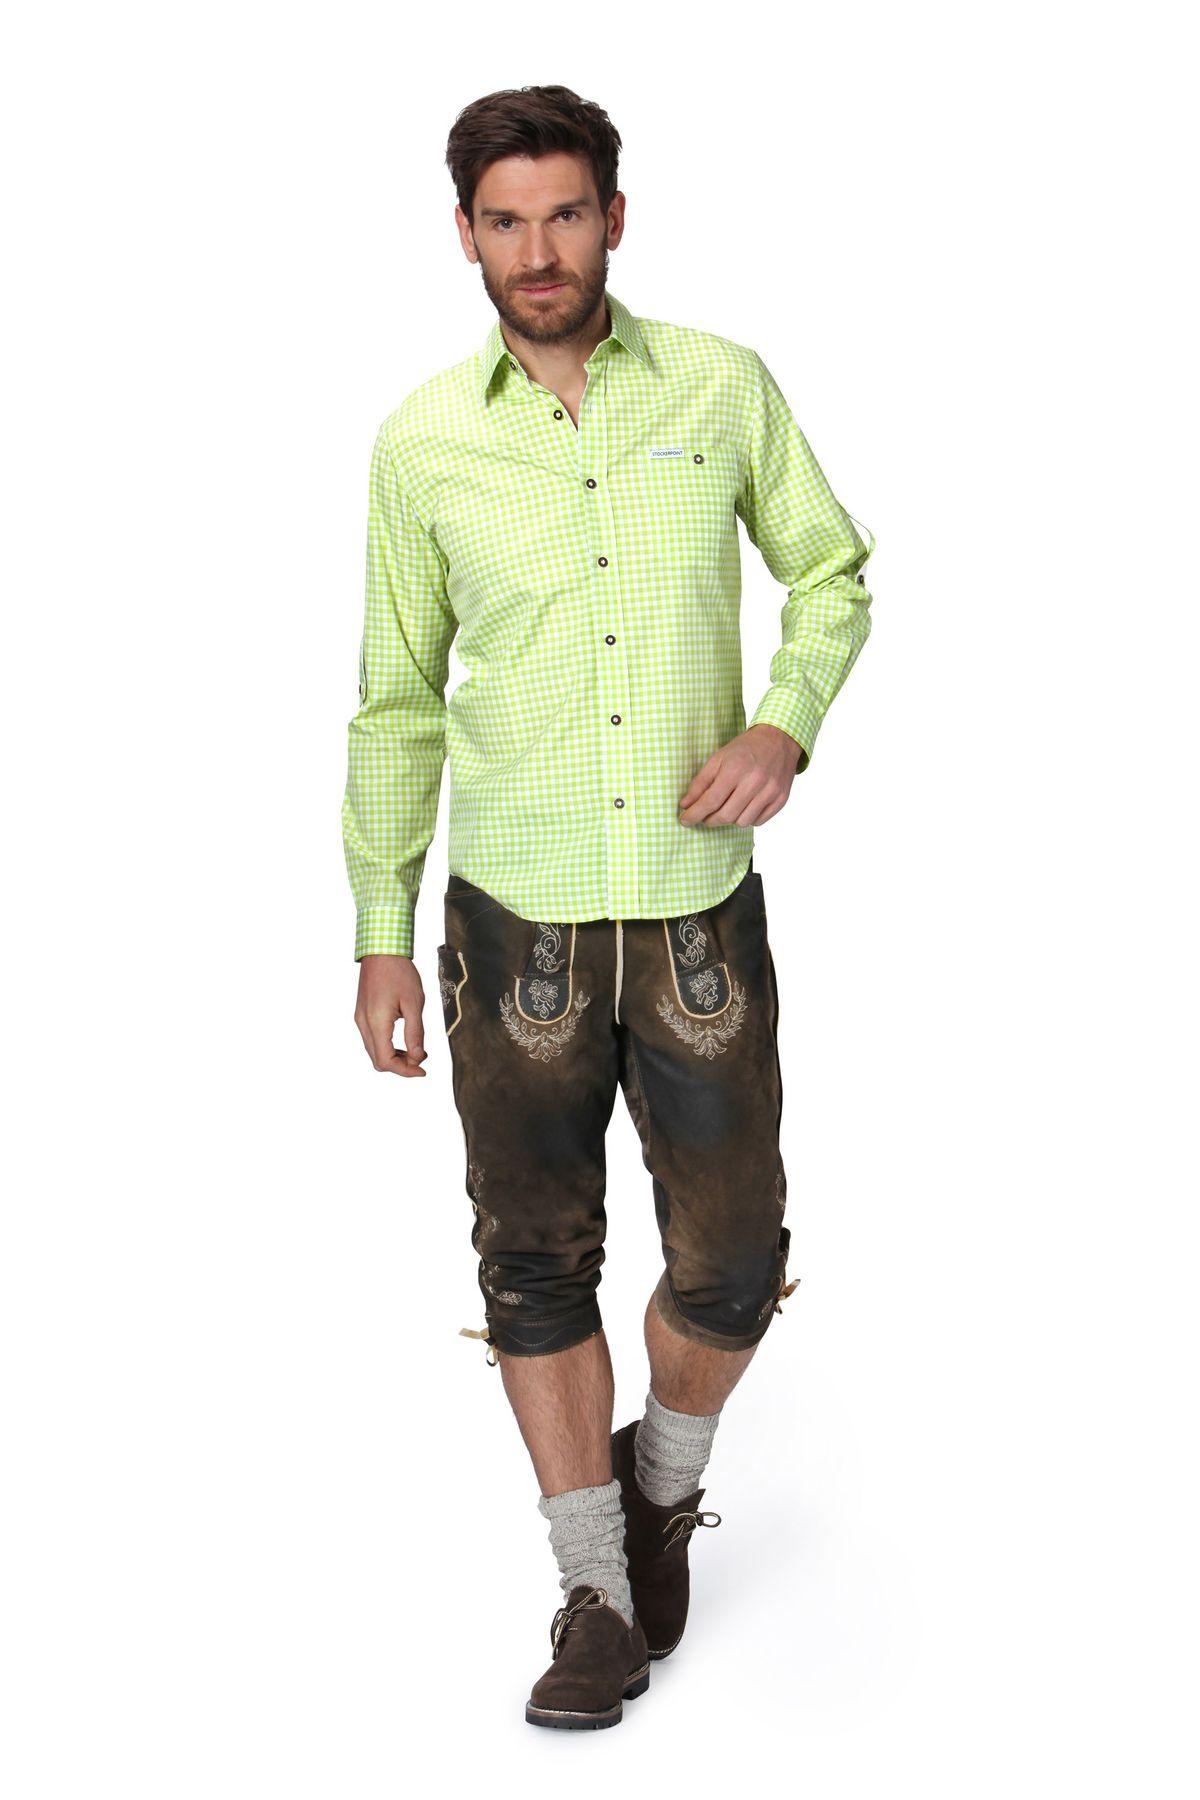 Stockerpoint - Herren Trachtenhemd, kariert in verschiedenen Farbvarianten, Campos2 – Bild 11